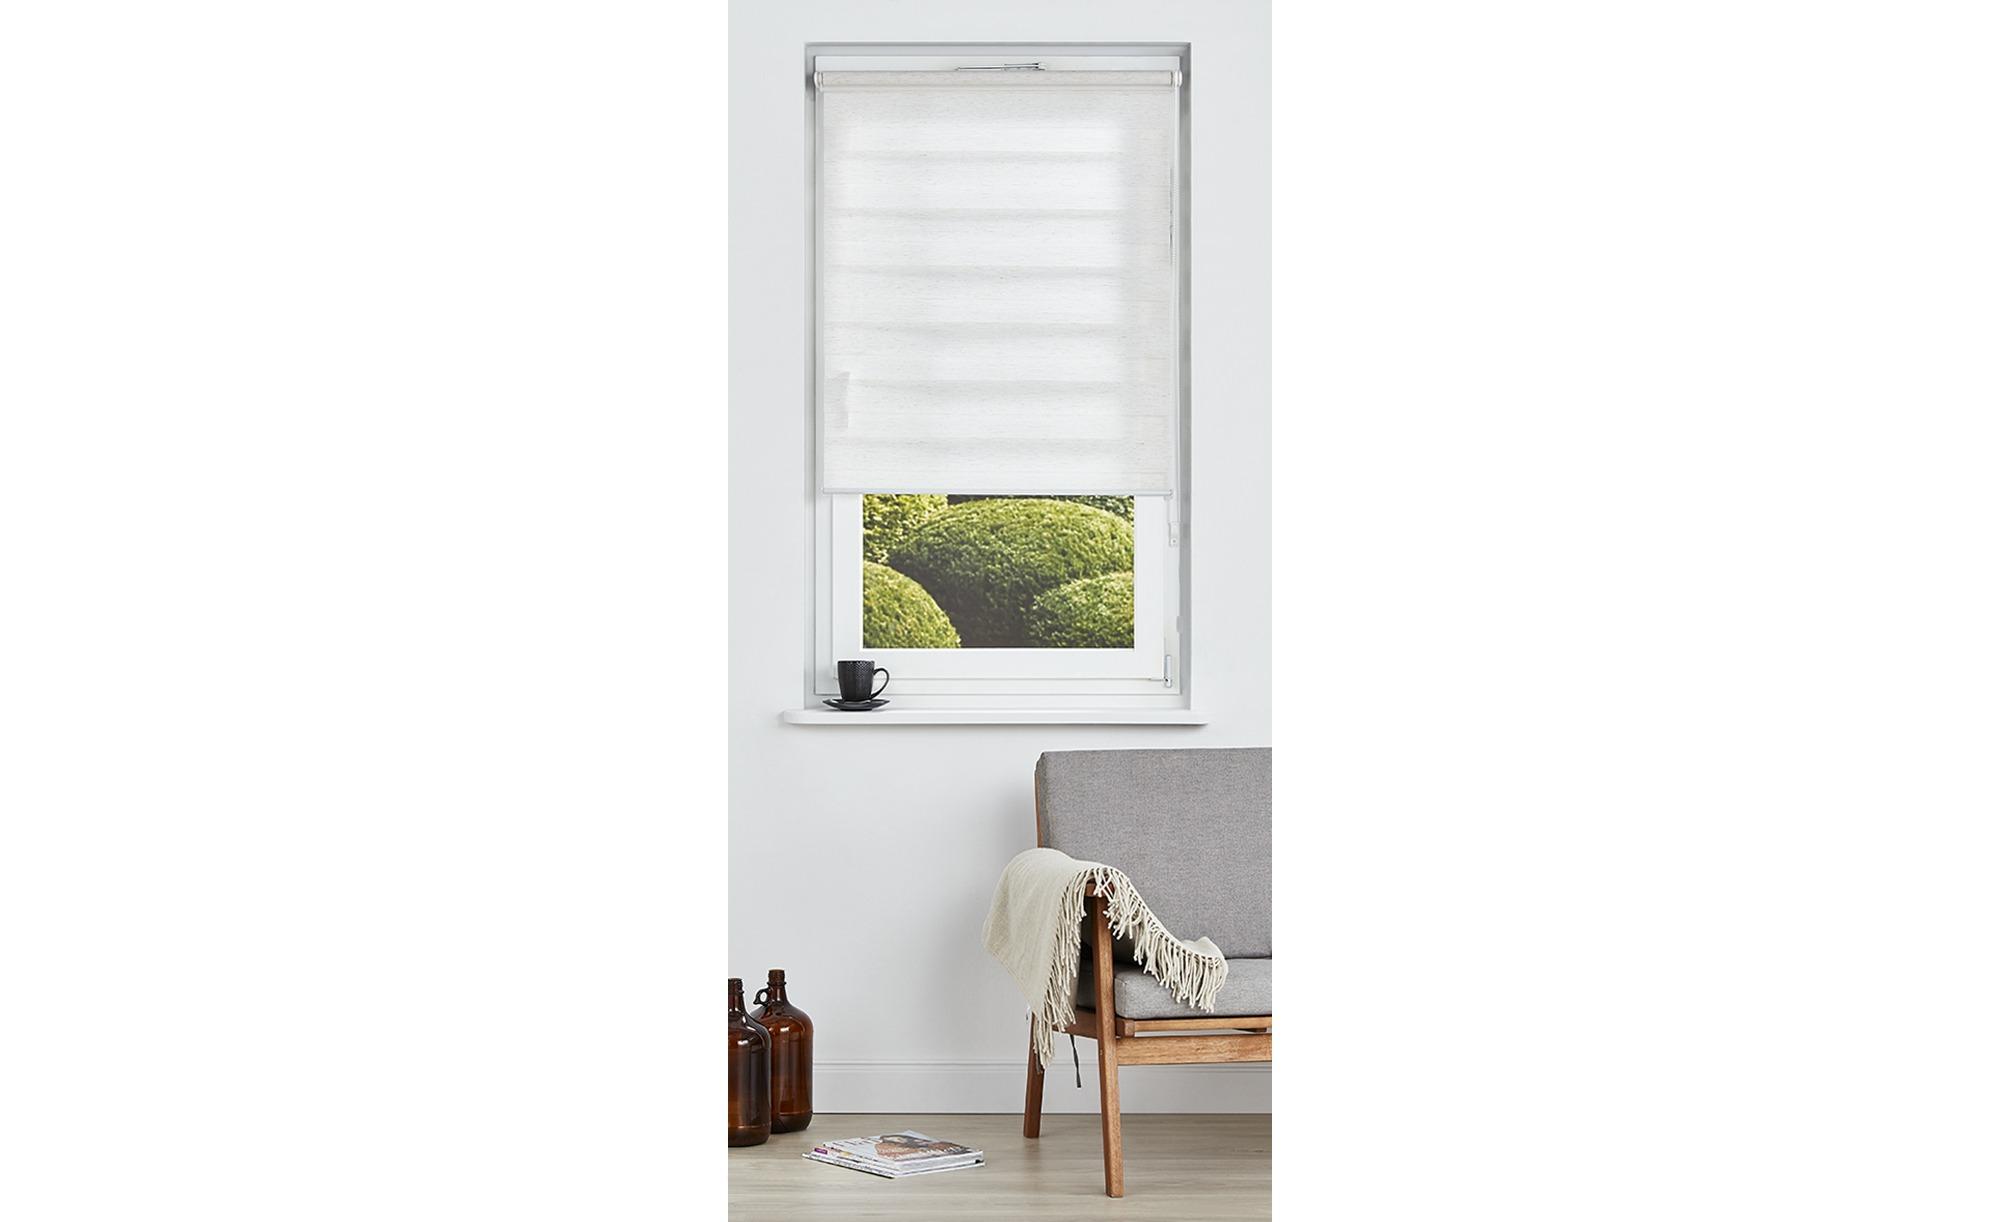 Klemmfix Duo Rollo - beige - 100% Polyestergewebe - 90 cm - Gardinen & Vorhänge > Rollos & Sonnenschutz > Rollos - Möbel Kraft | Heimtextilien > Gardinen und Vorhänge > Vorhänge | Sconto